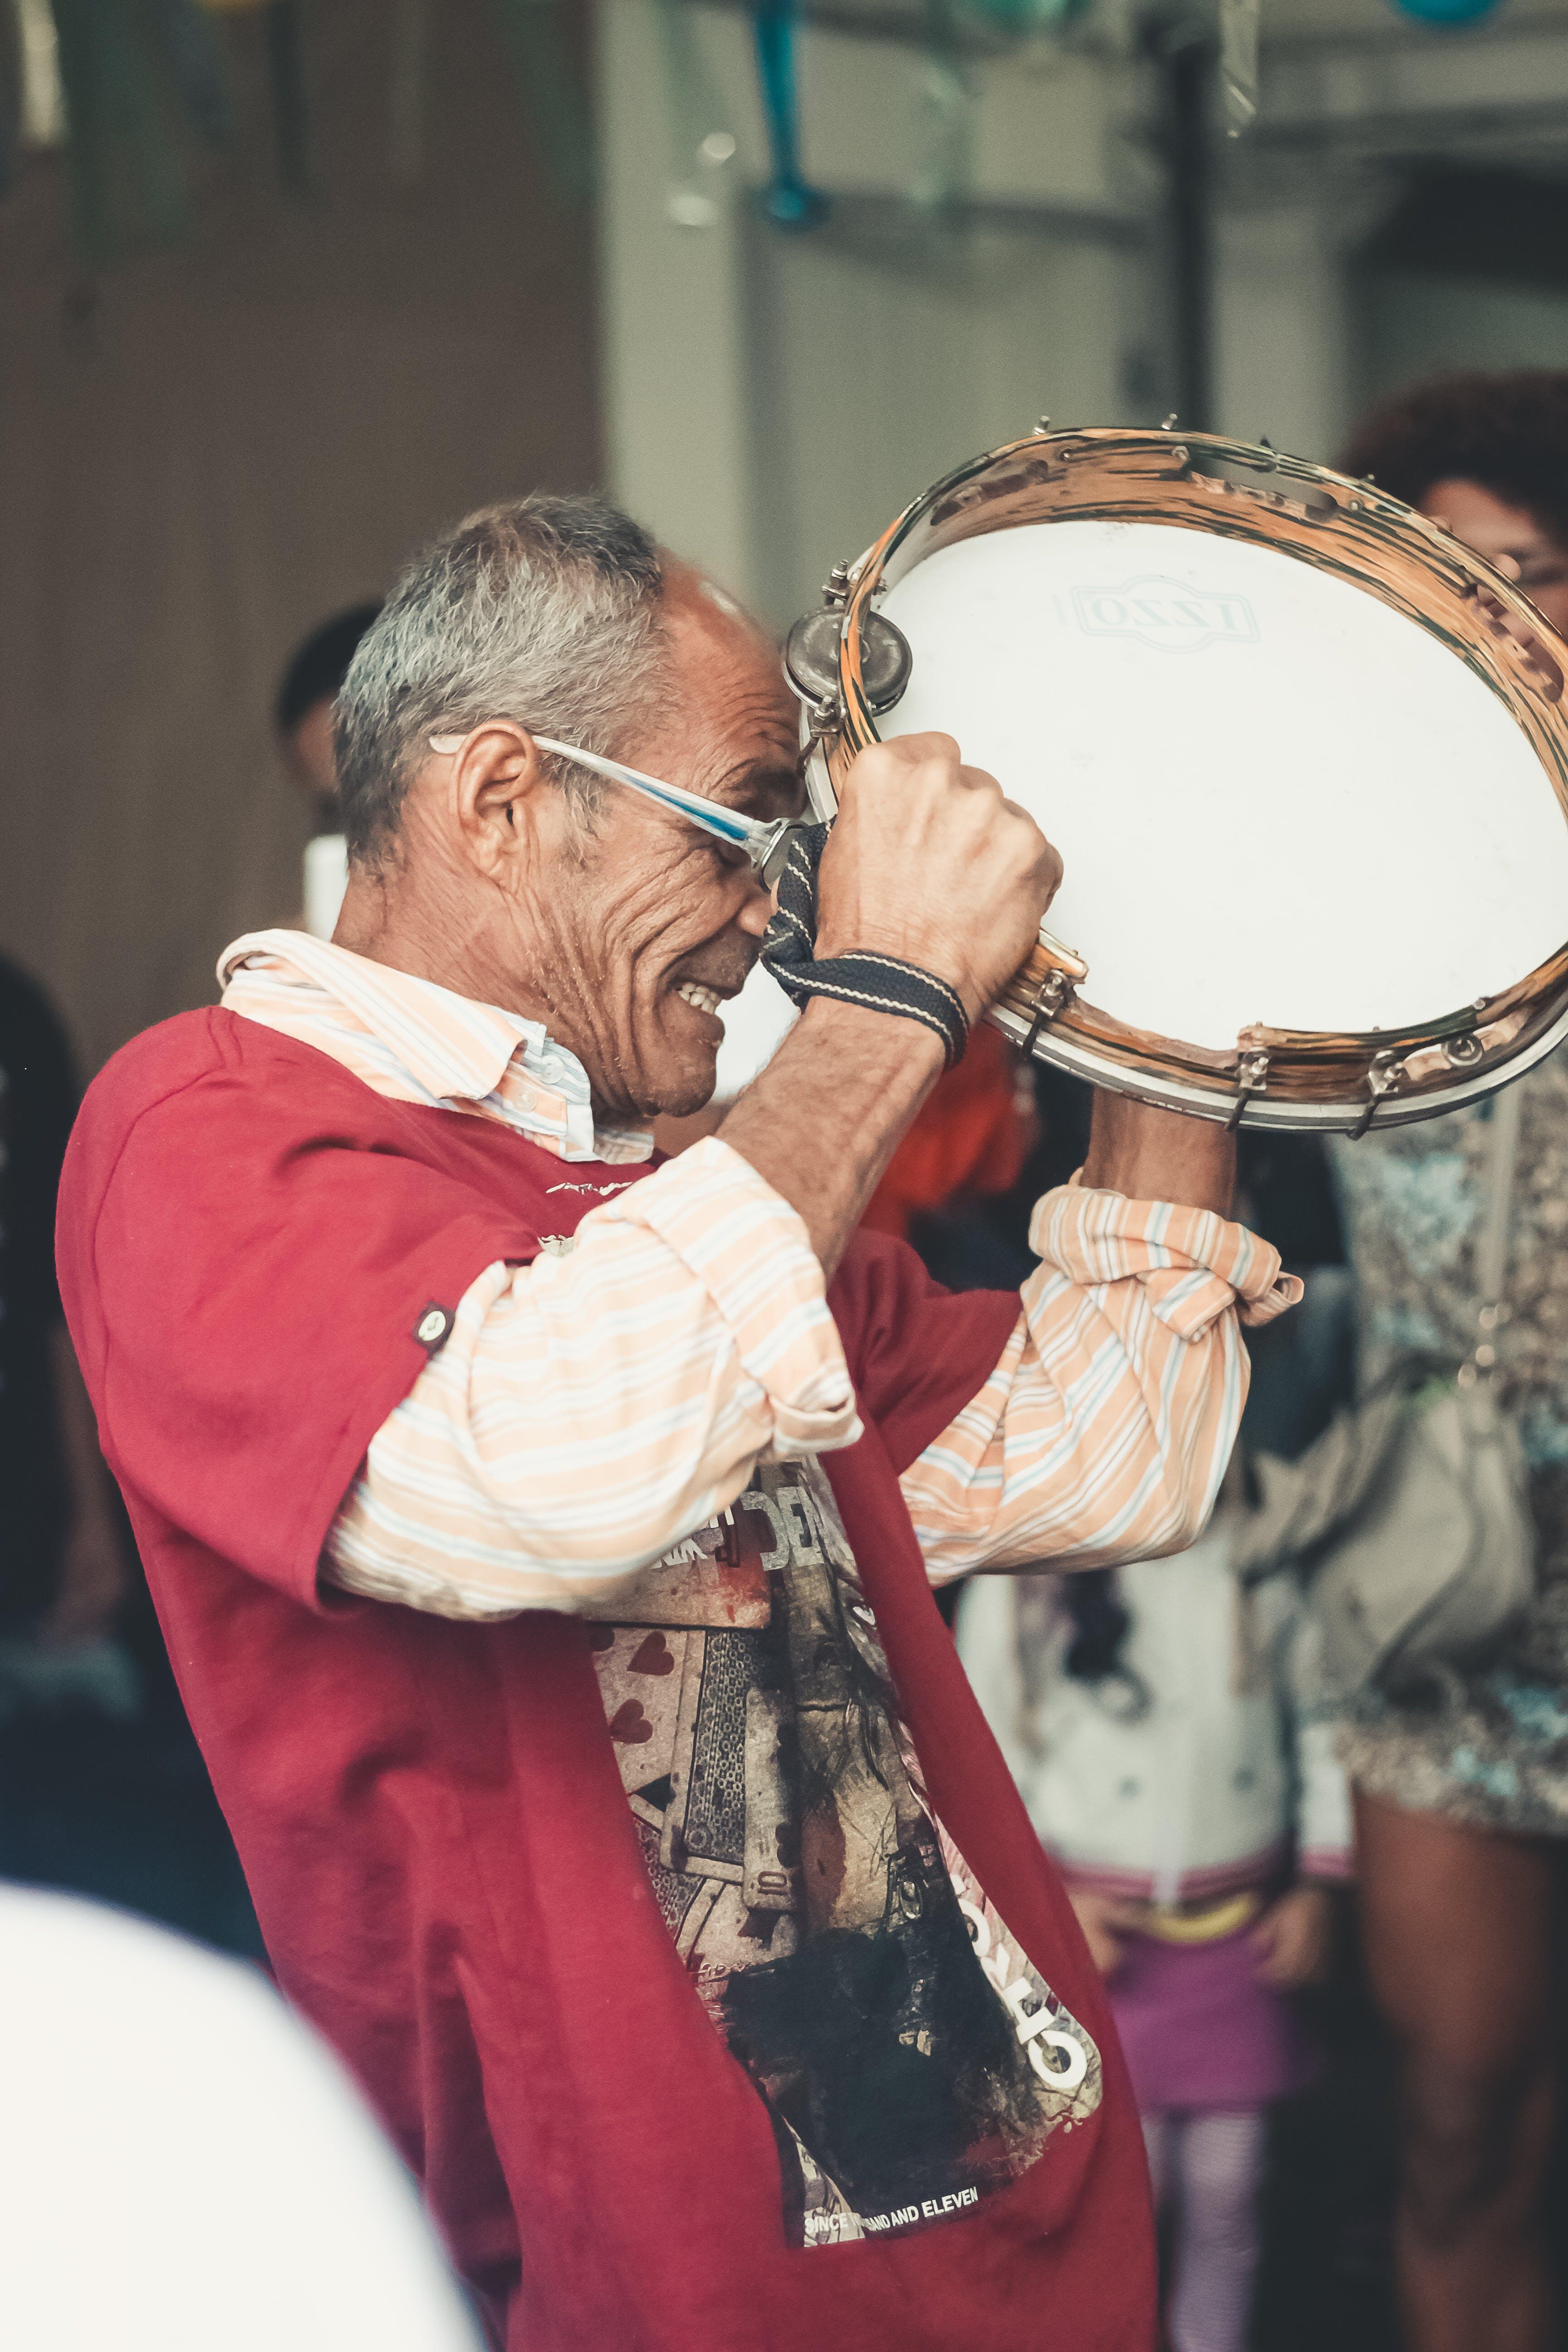 Δωρεάν στοκ φωτογραφιών με άνδρας, άνθρωπος, απόδοση, κρουστό όργανο